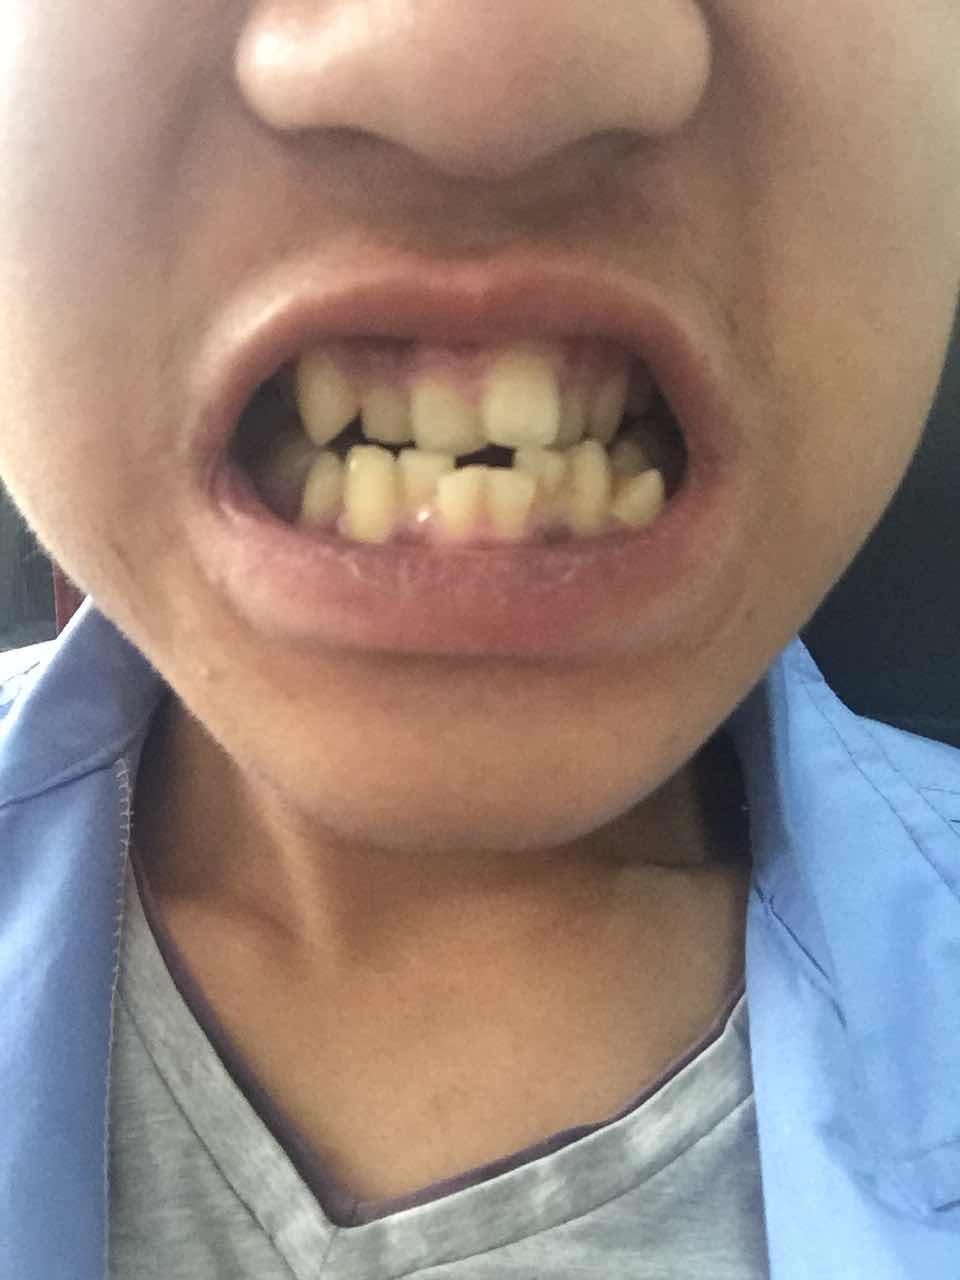 牙齿不齐不矫正的危害有哪些?牙齿不齐就想把门牙整齐了大约得花多少钱